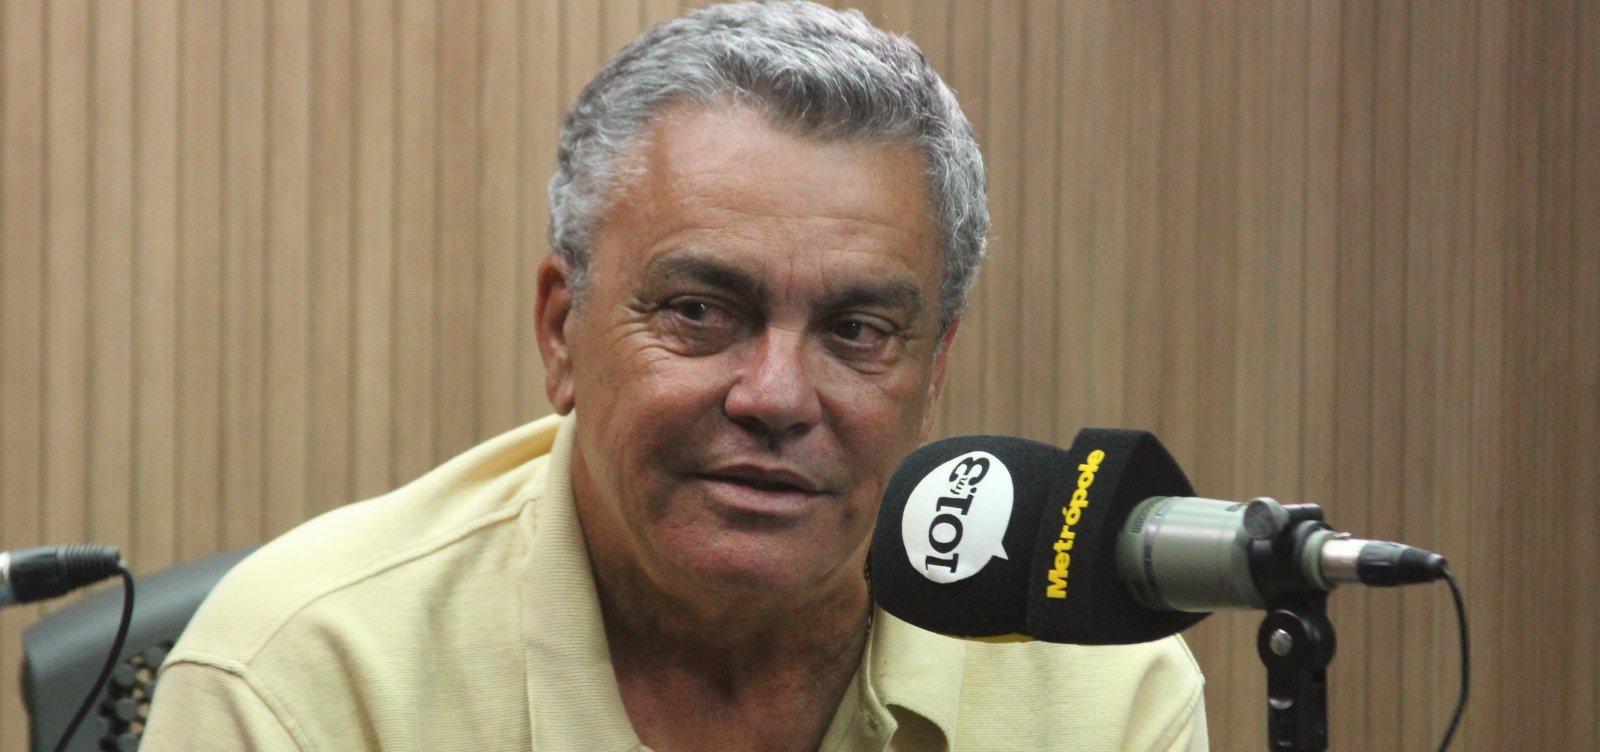 Vitória apresenta protocolo de retorno aos treinos e presidente critica Bolsonaro: 'Tinha que internar'